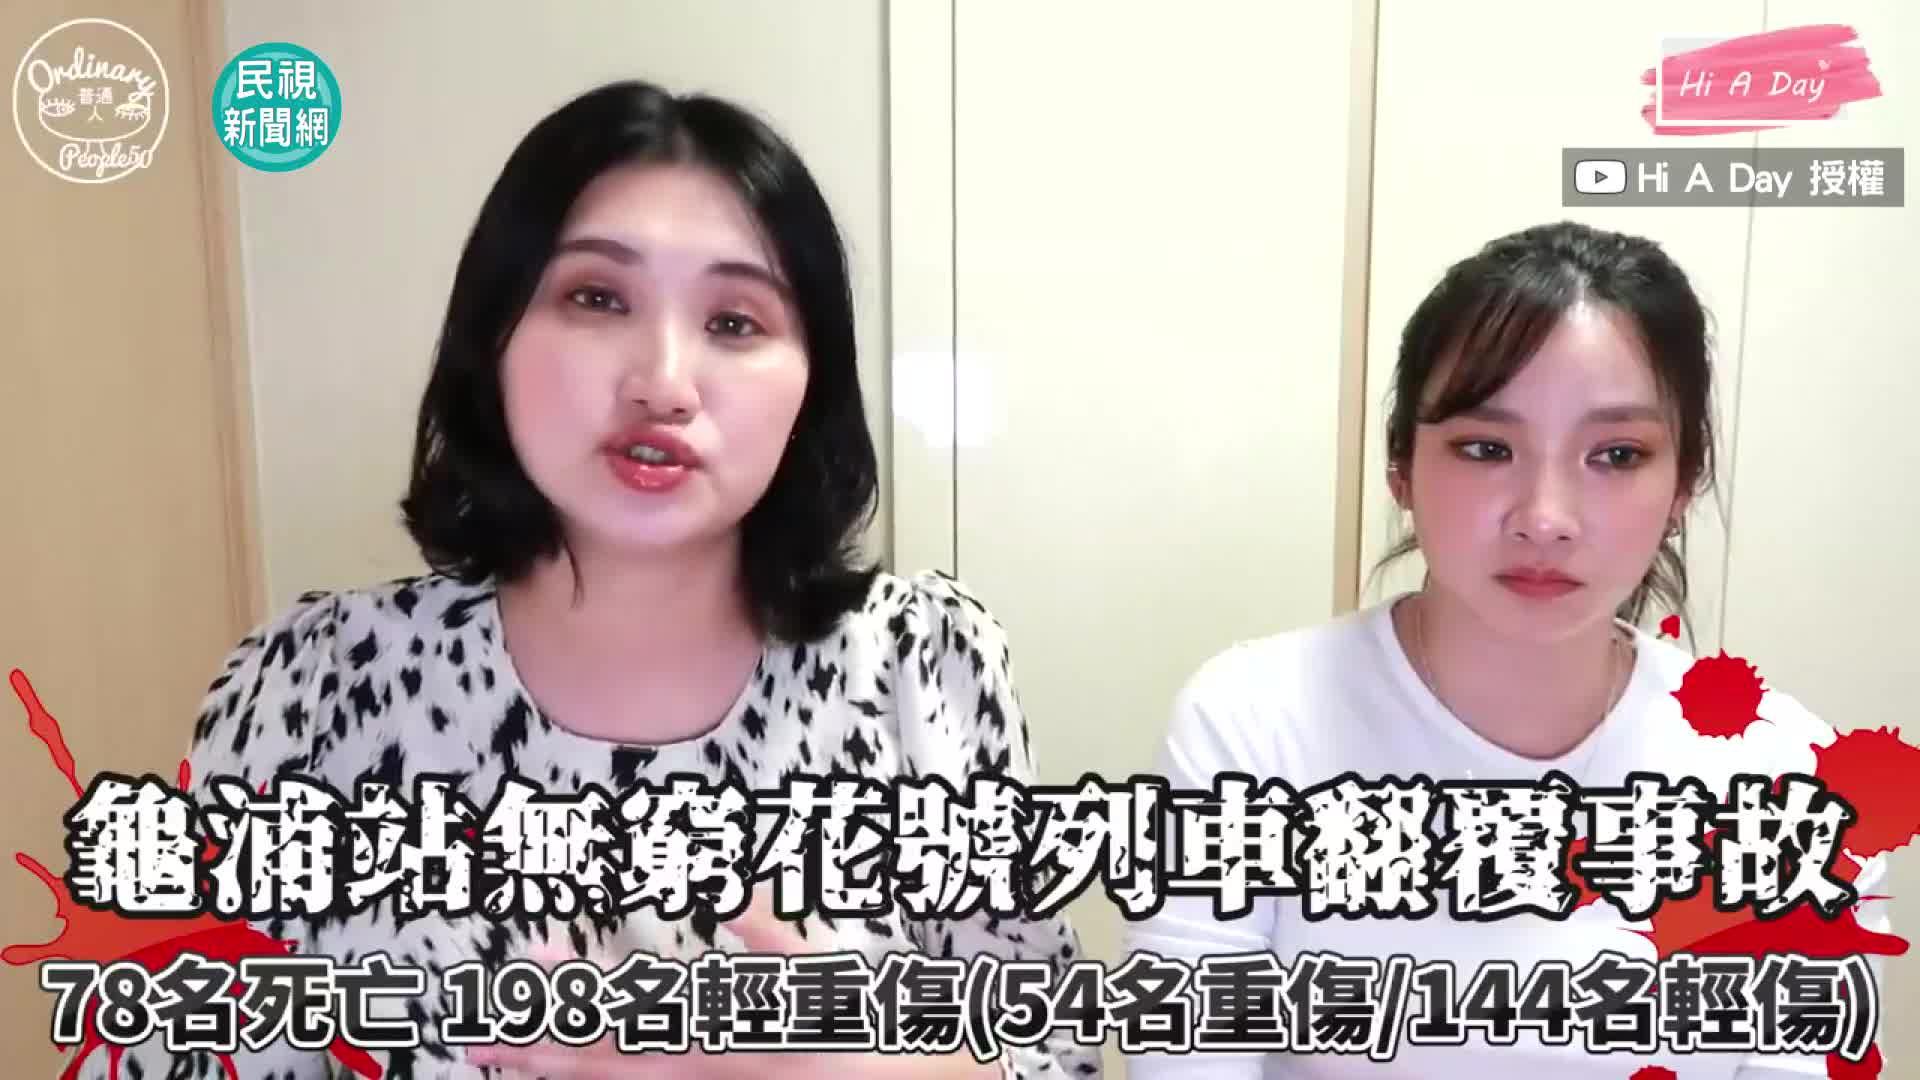 太魯閣號翻版 南韓「無窮花號」出軌史上最慘重